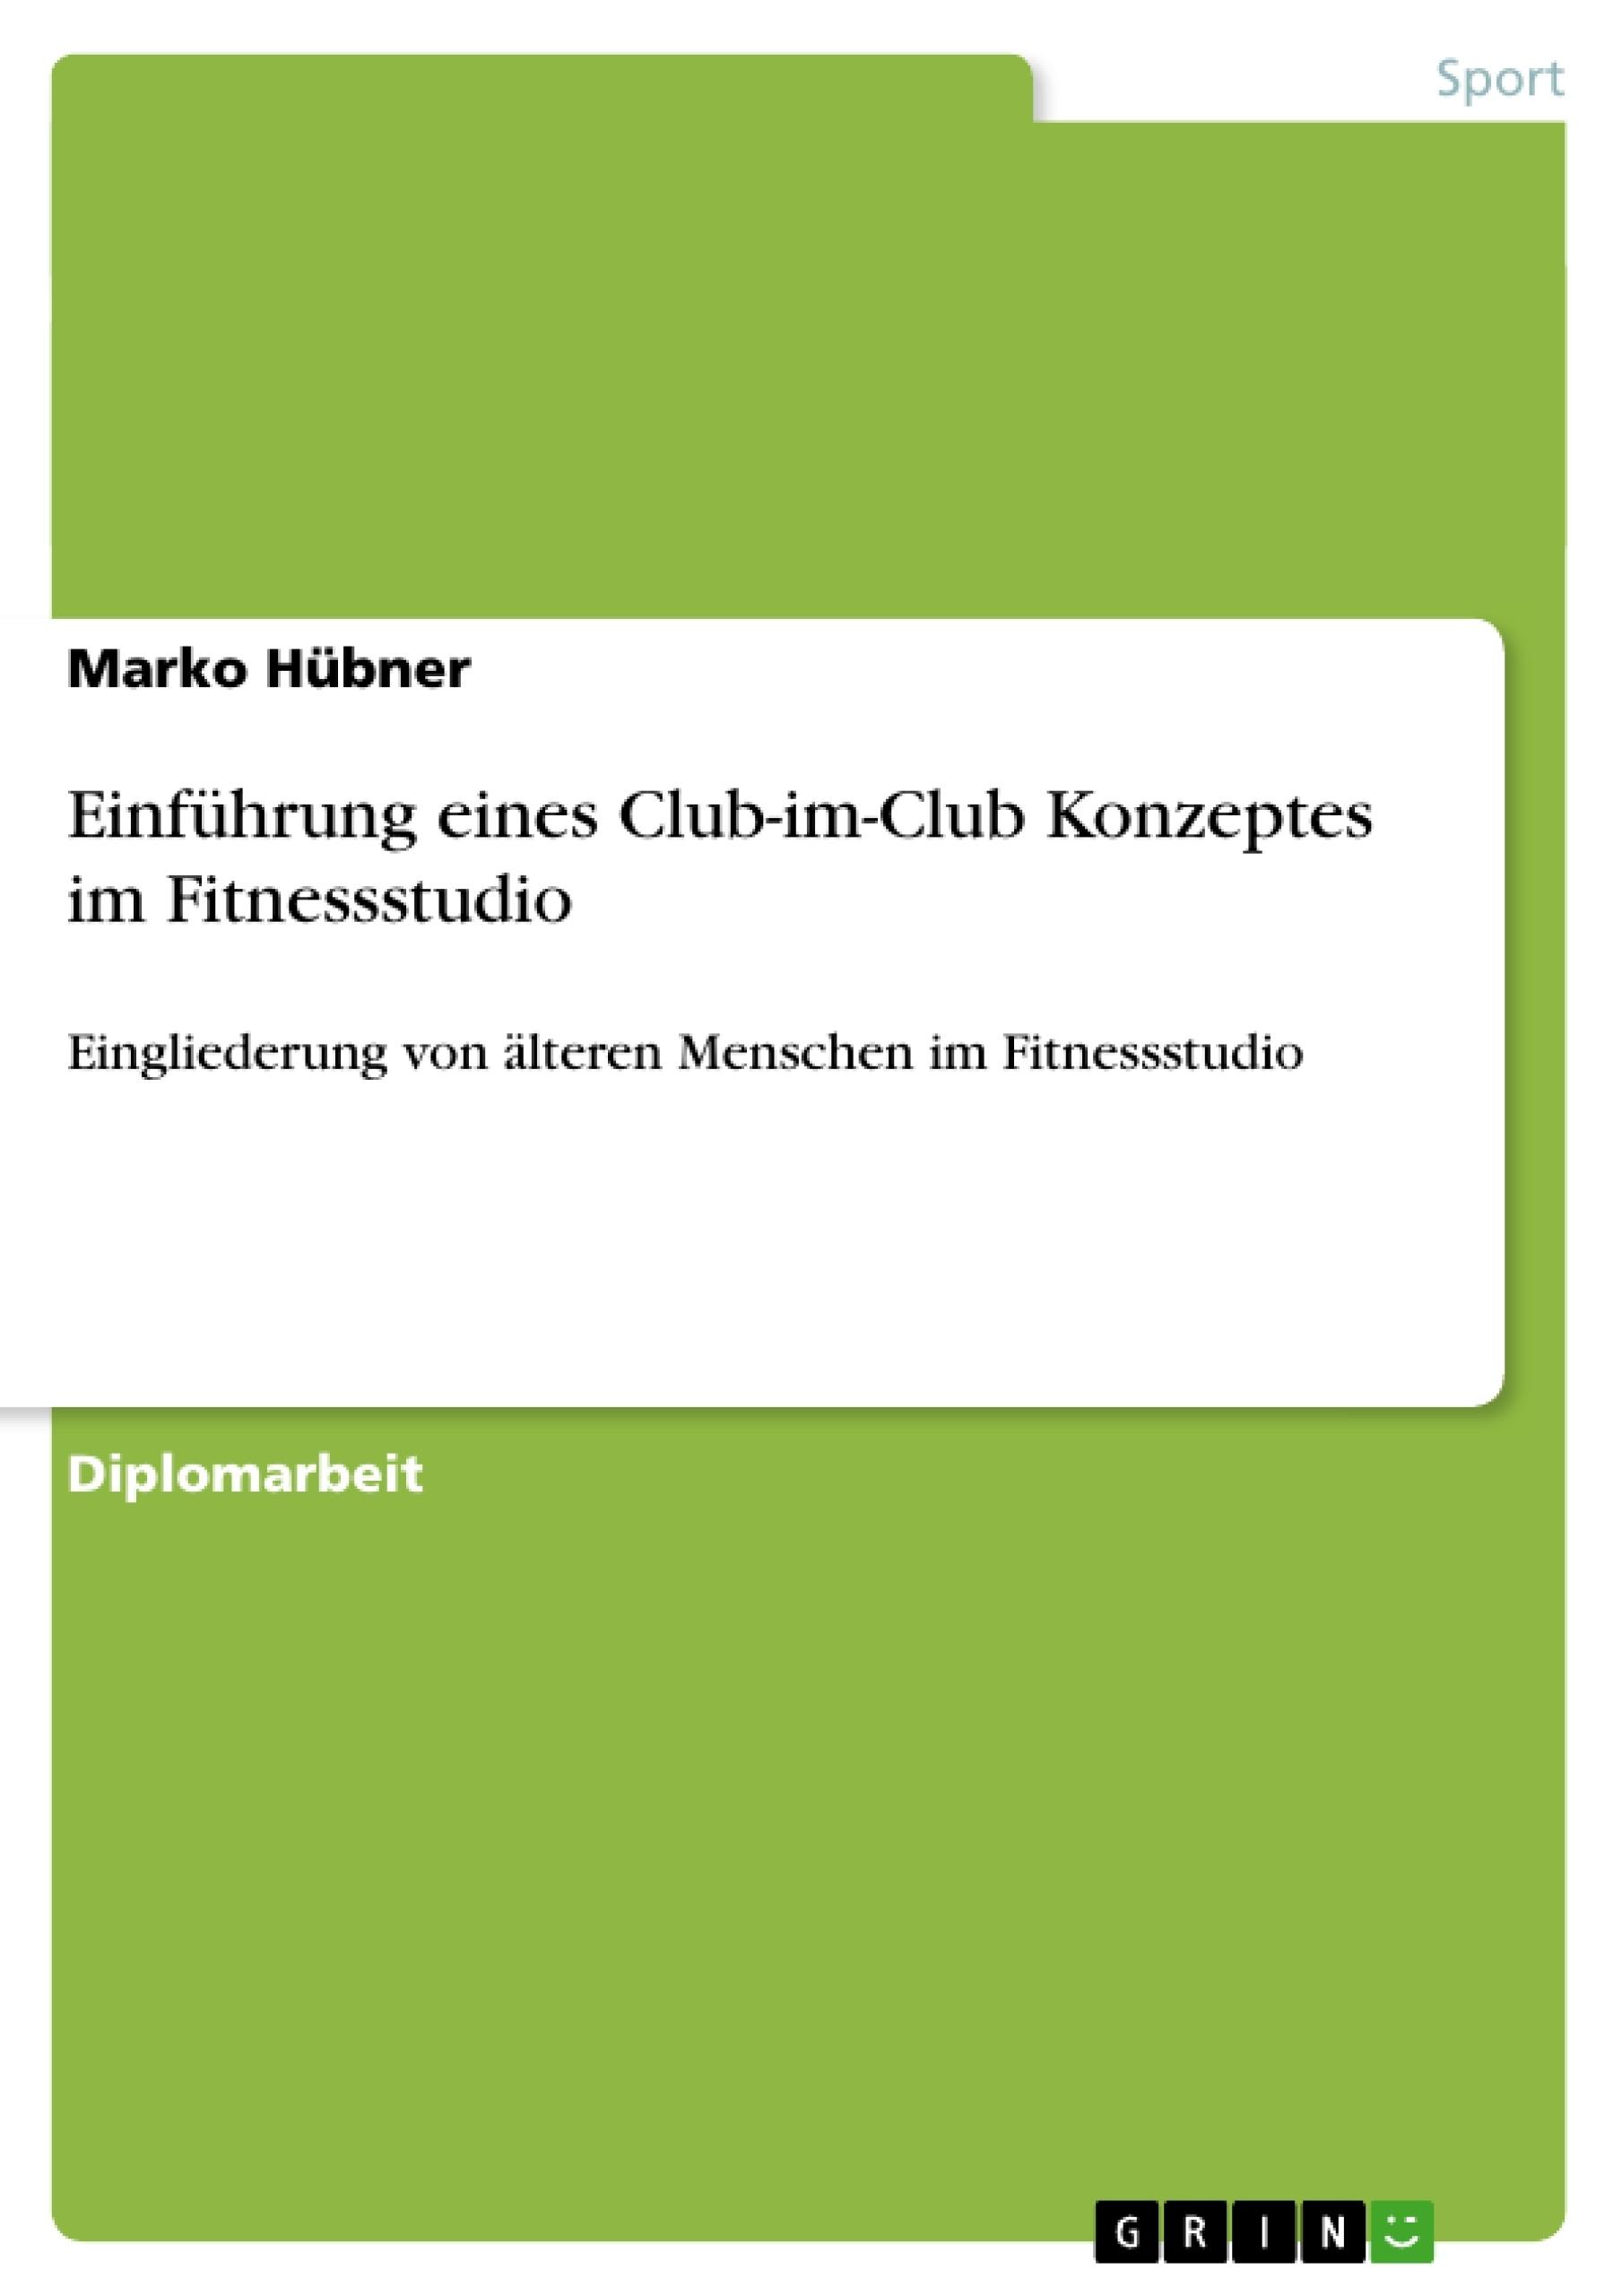 Titel: Einführung eines Club-im-Club Konzeptes im Fitnessstudio